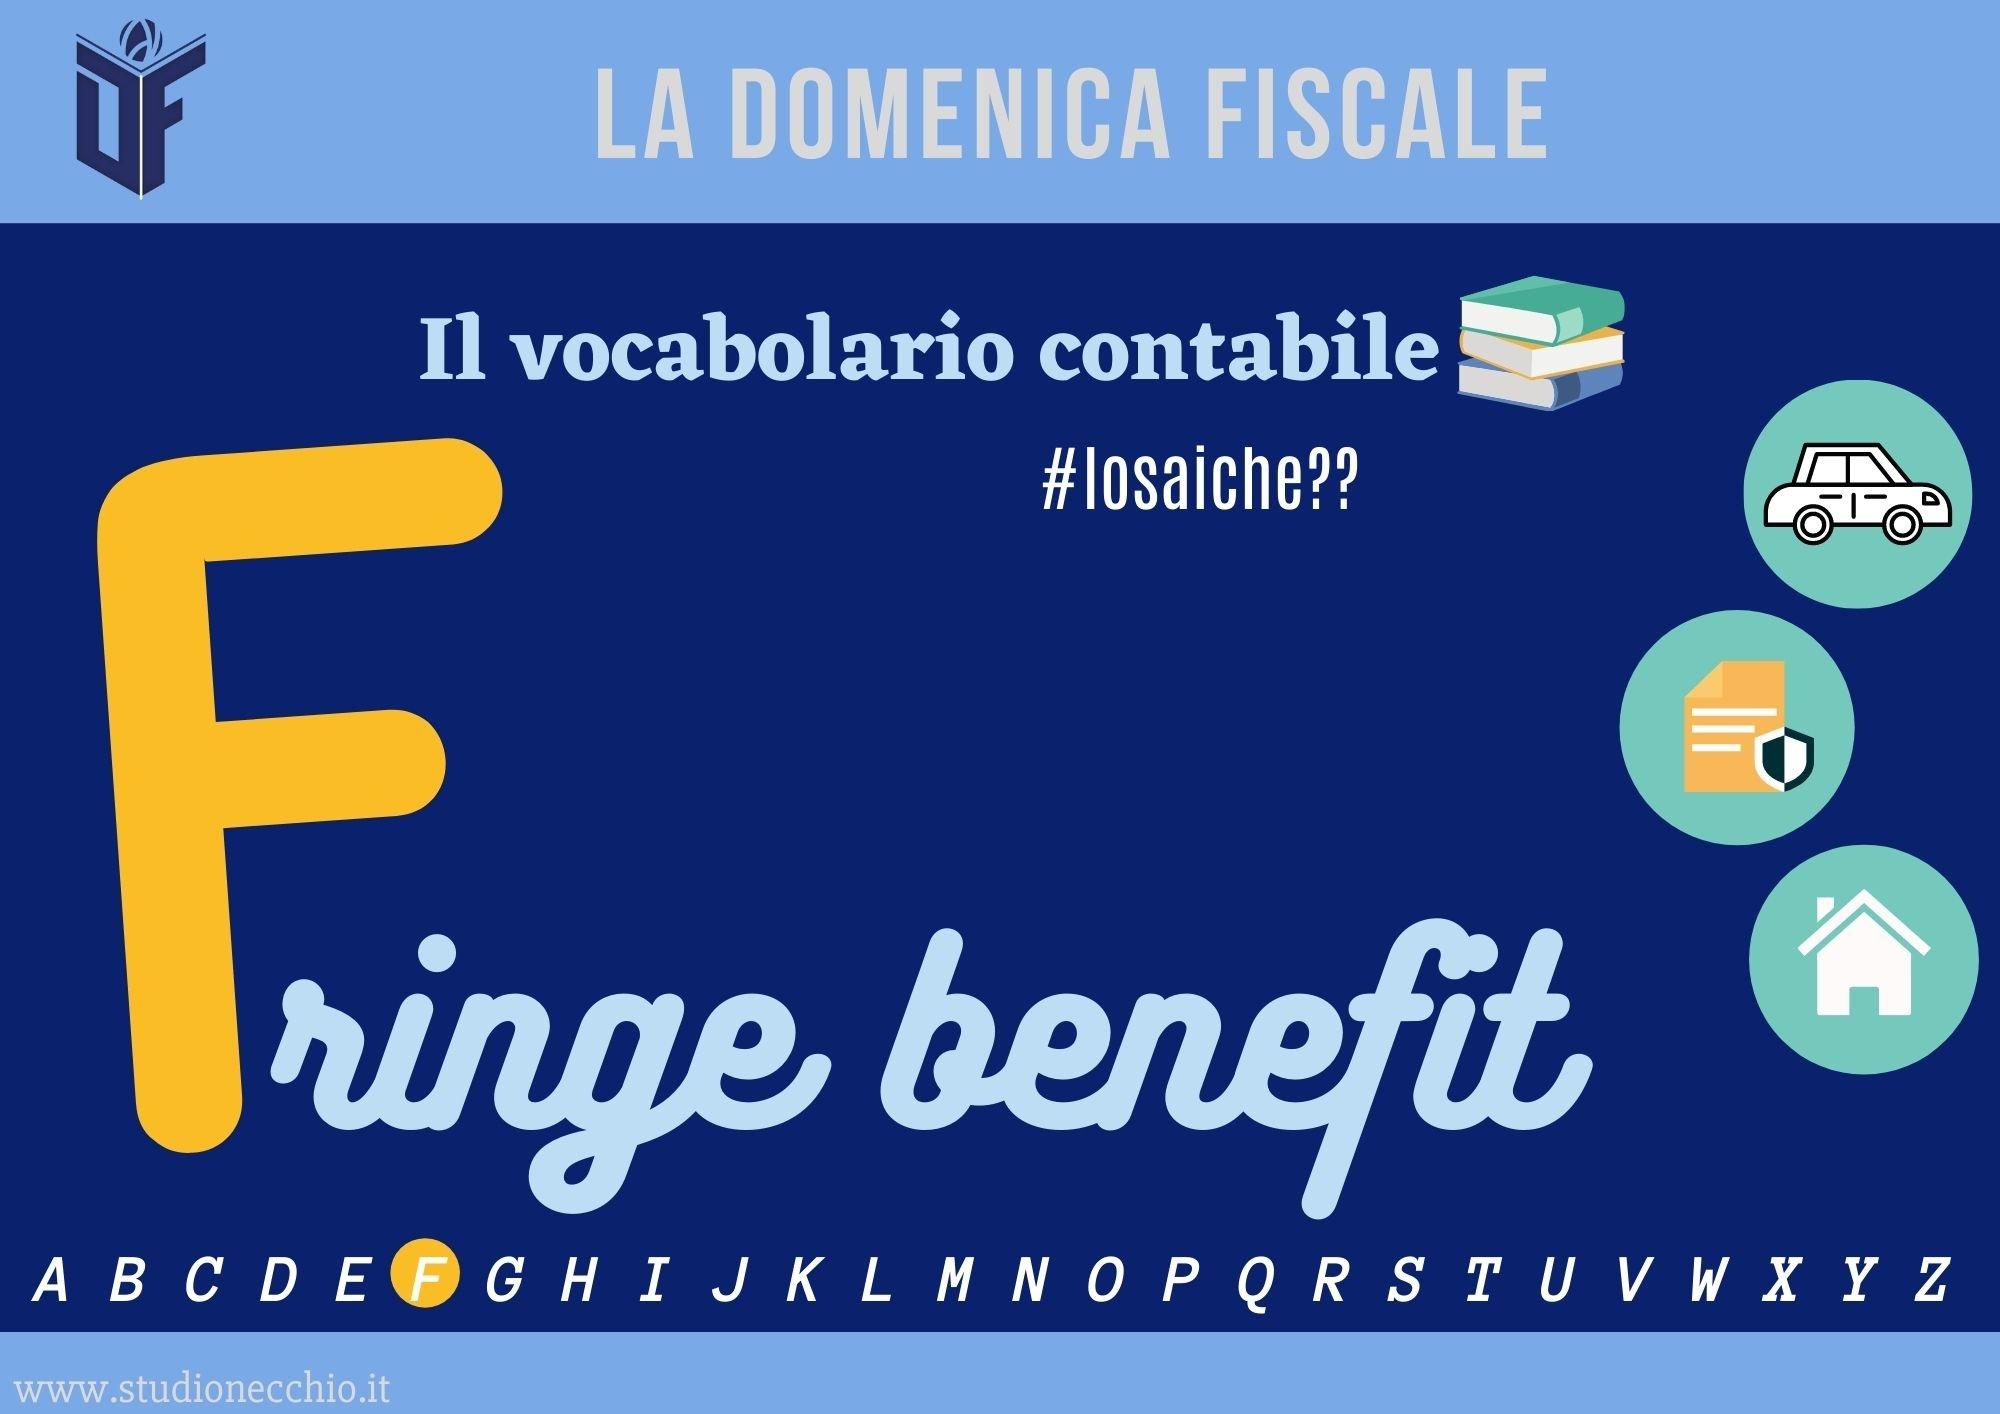 La Domenica Fiscale – F COME FRINGE BENEFIT